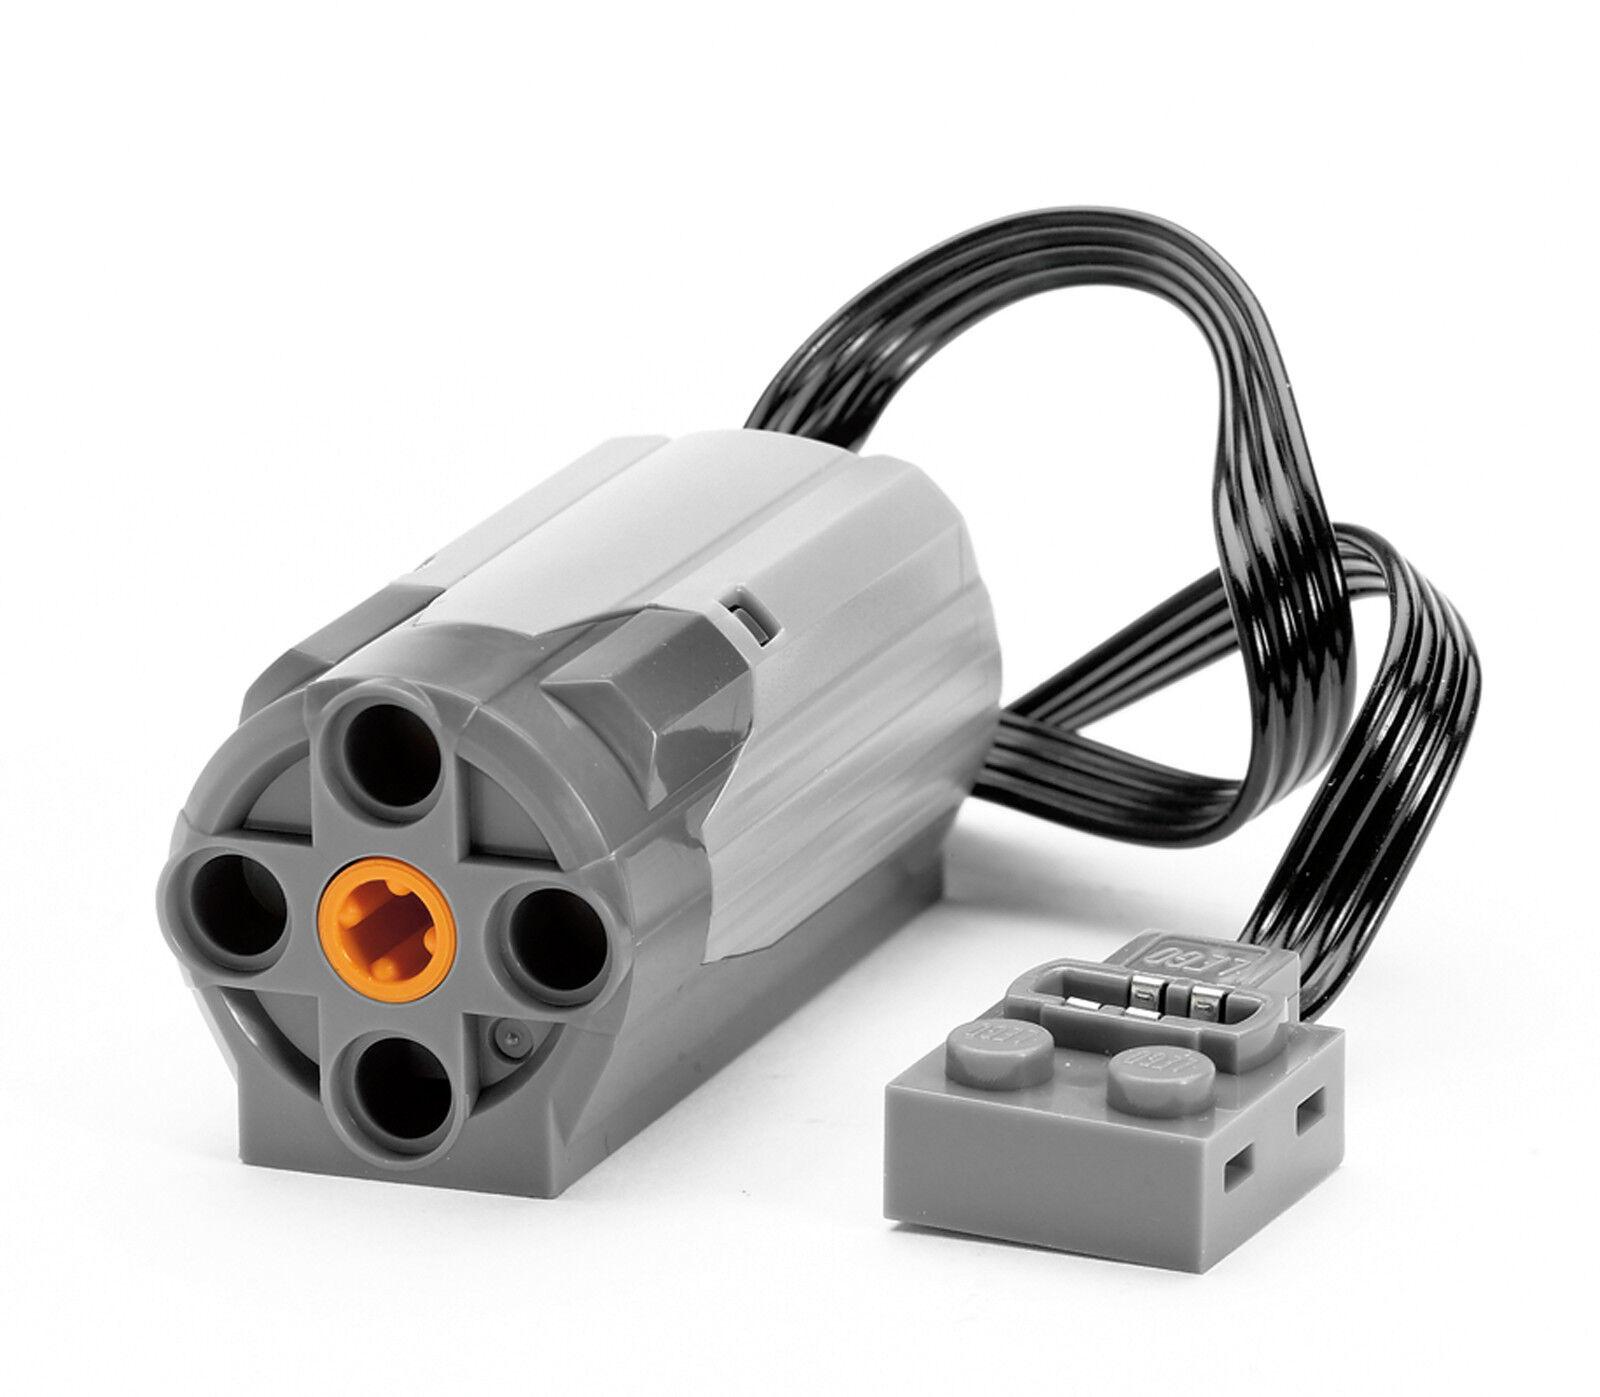 Lego Créations 8883 Technik 2 Pièces puissance Functions M-MOTEUR